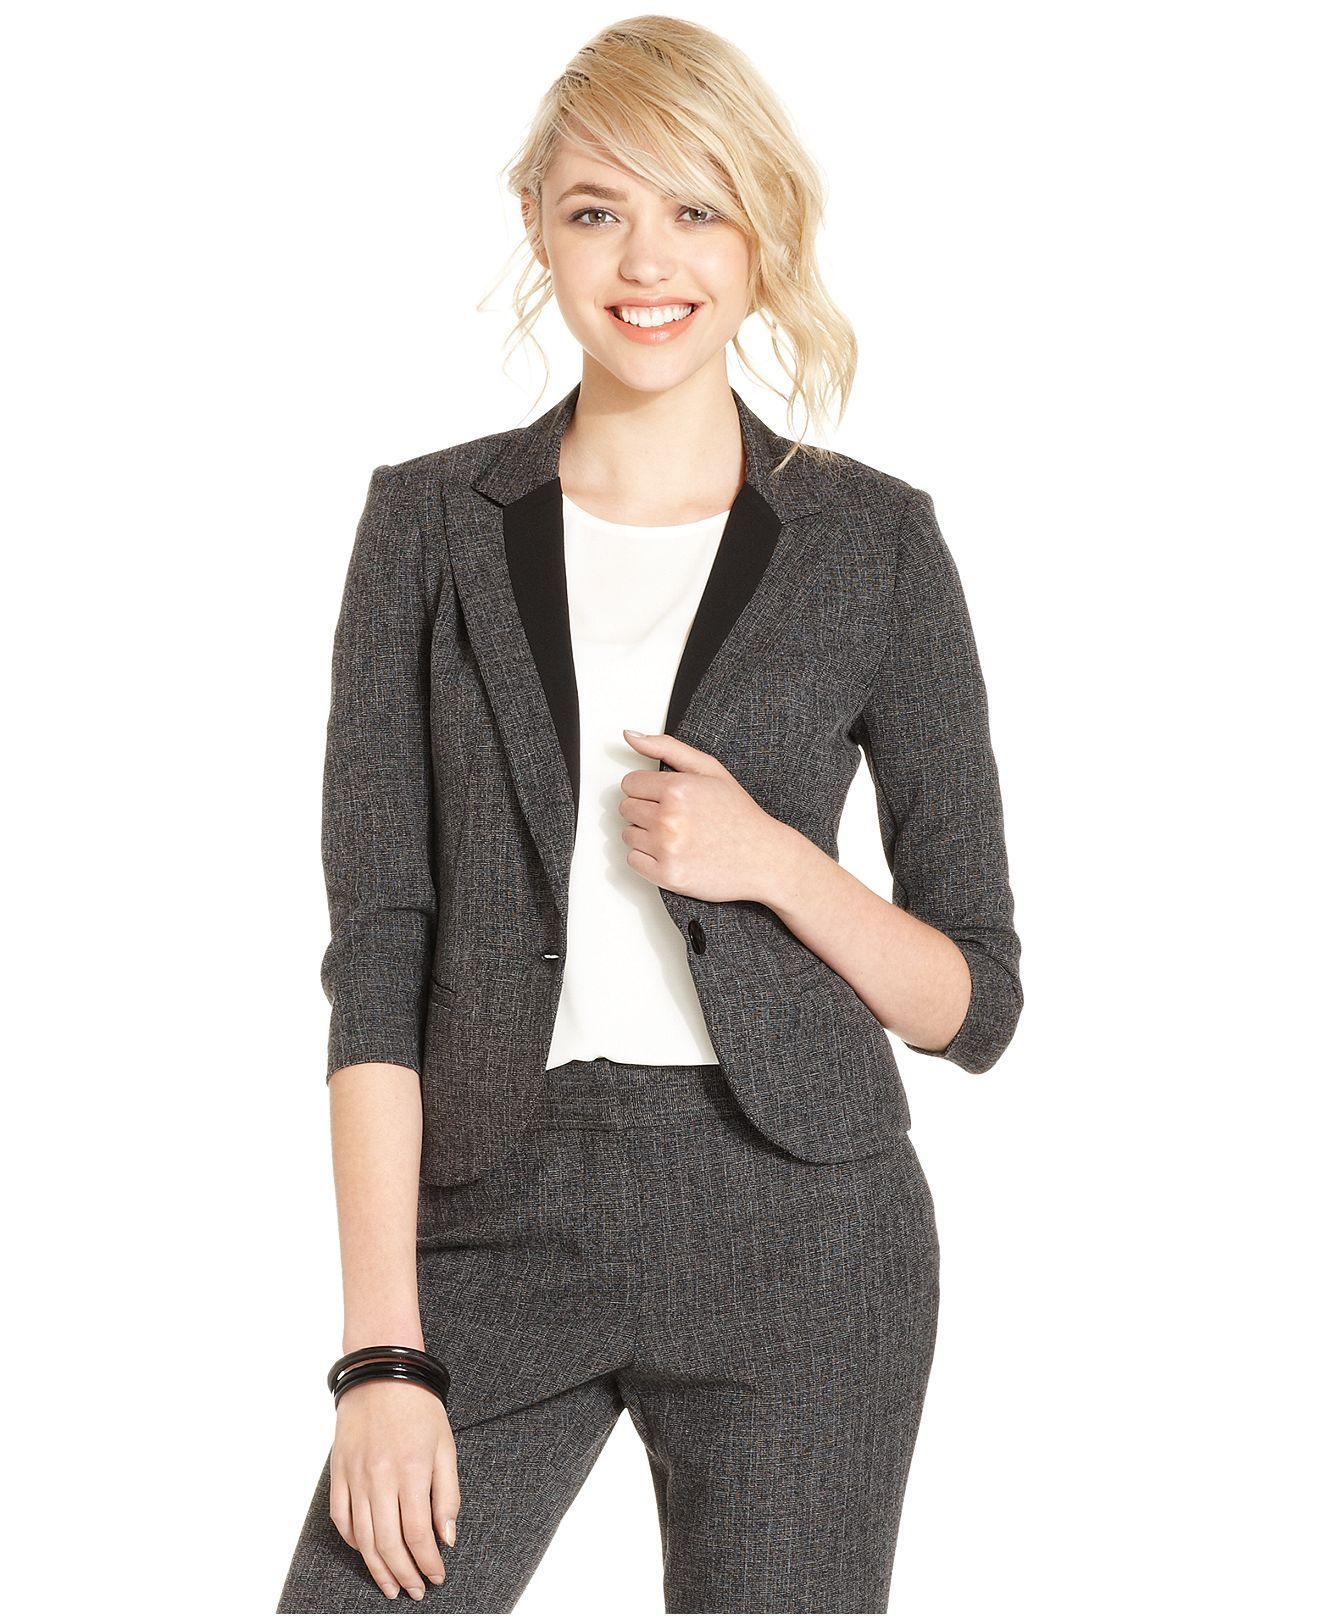 BCX Juniors Blazer, Three-Quarter Sleeve Tweed - Juniors Suits & Suit Separates - Macy's